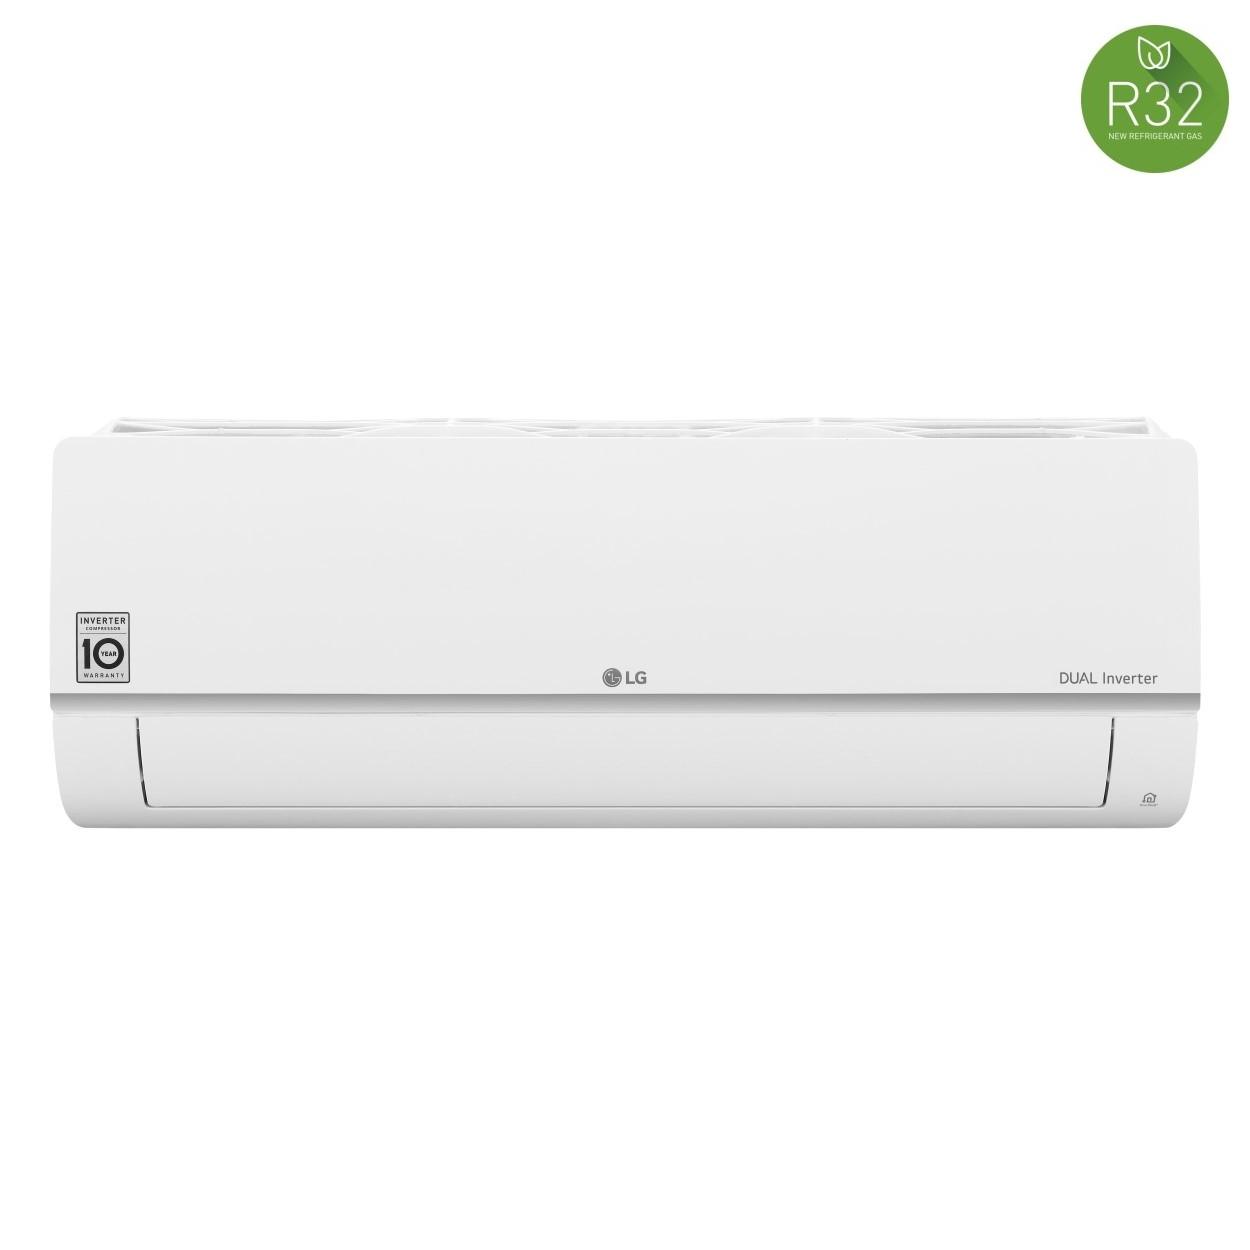 Nástěnná klimatizace LG Standard Plus R32 PC09SQ